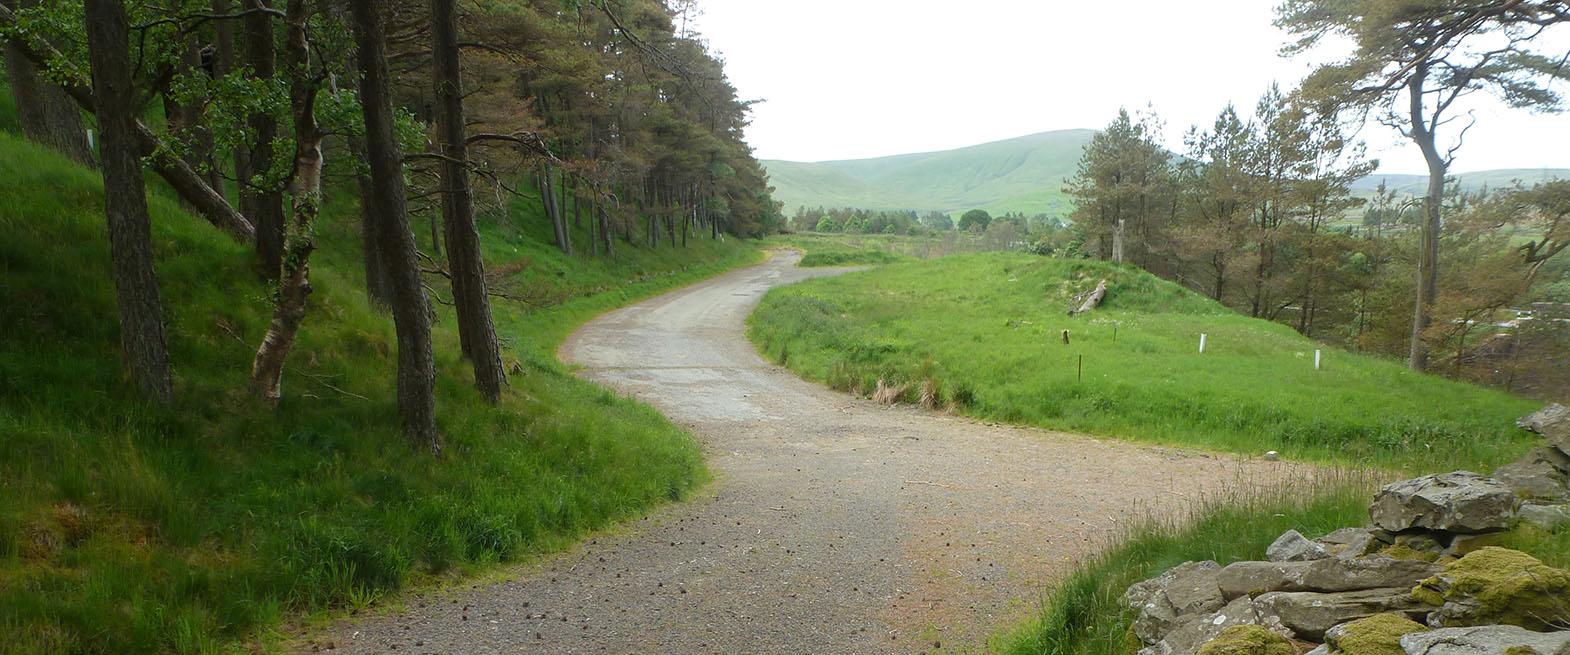 Forestry_Slide2